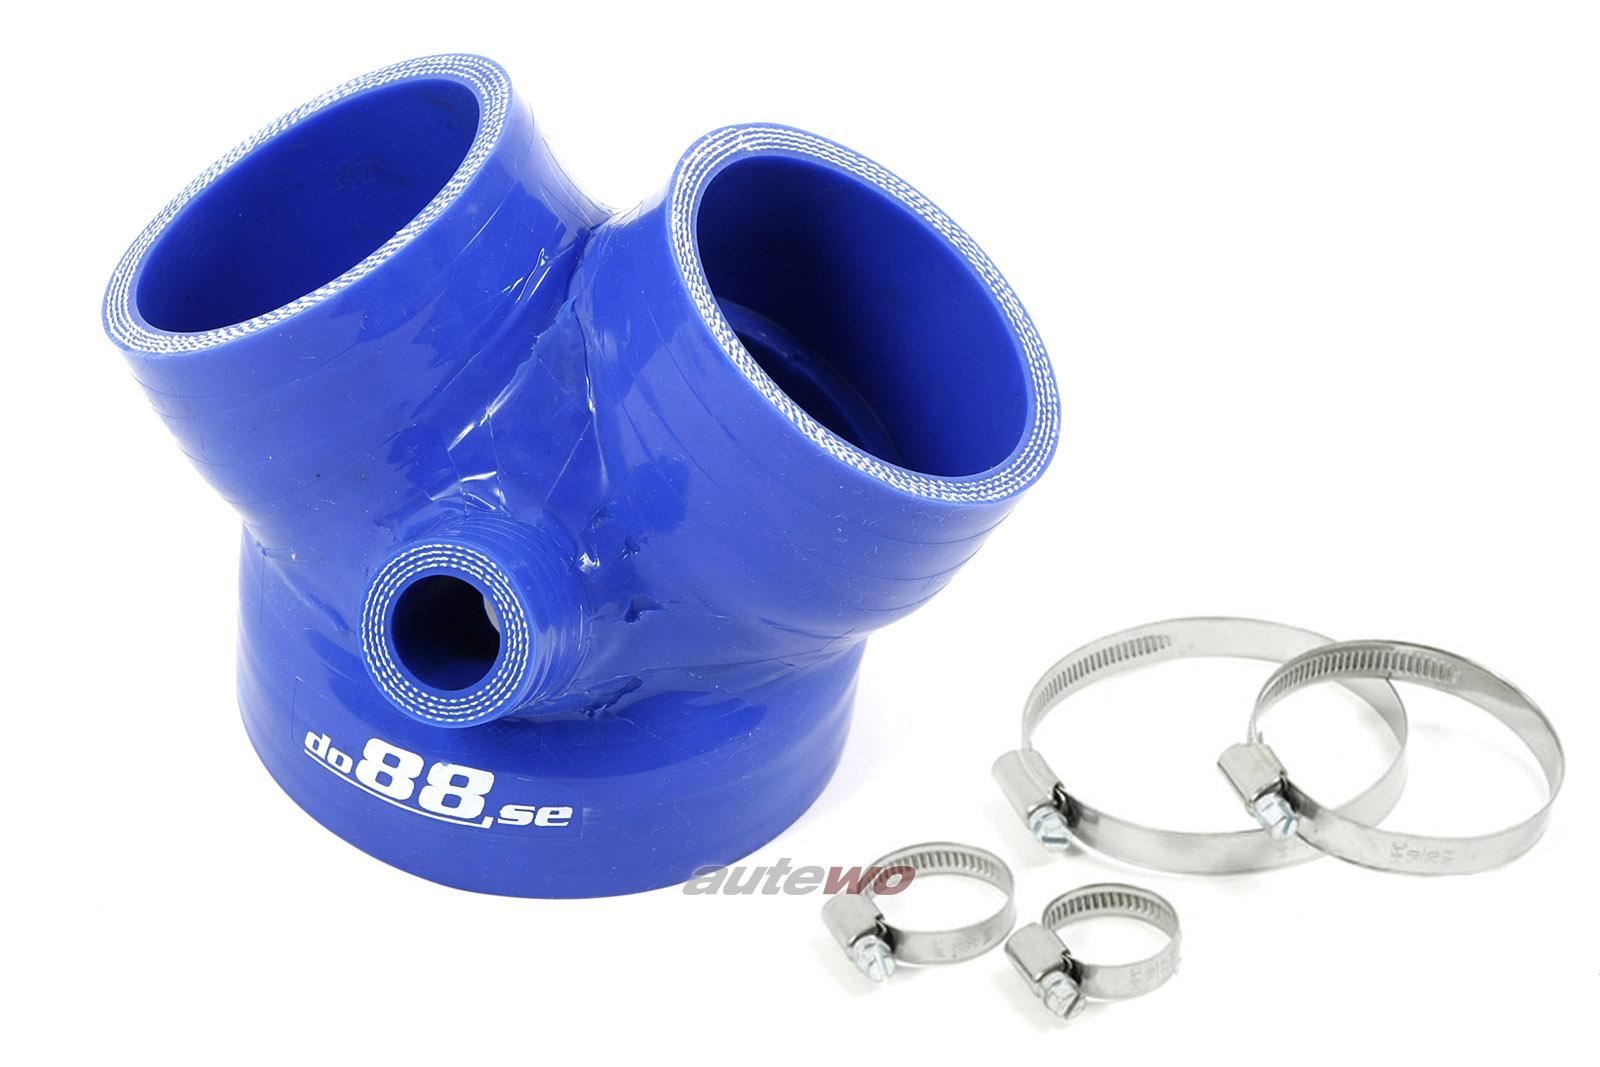 Audi S4 B5/A6 4B/Allroad 2.7l Biturbo Silikon-Druckschlauch Drosselklappe blau